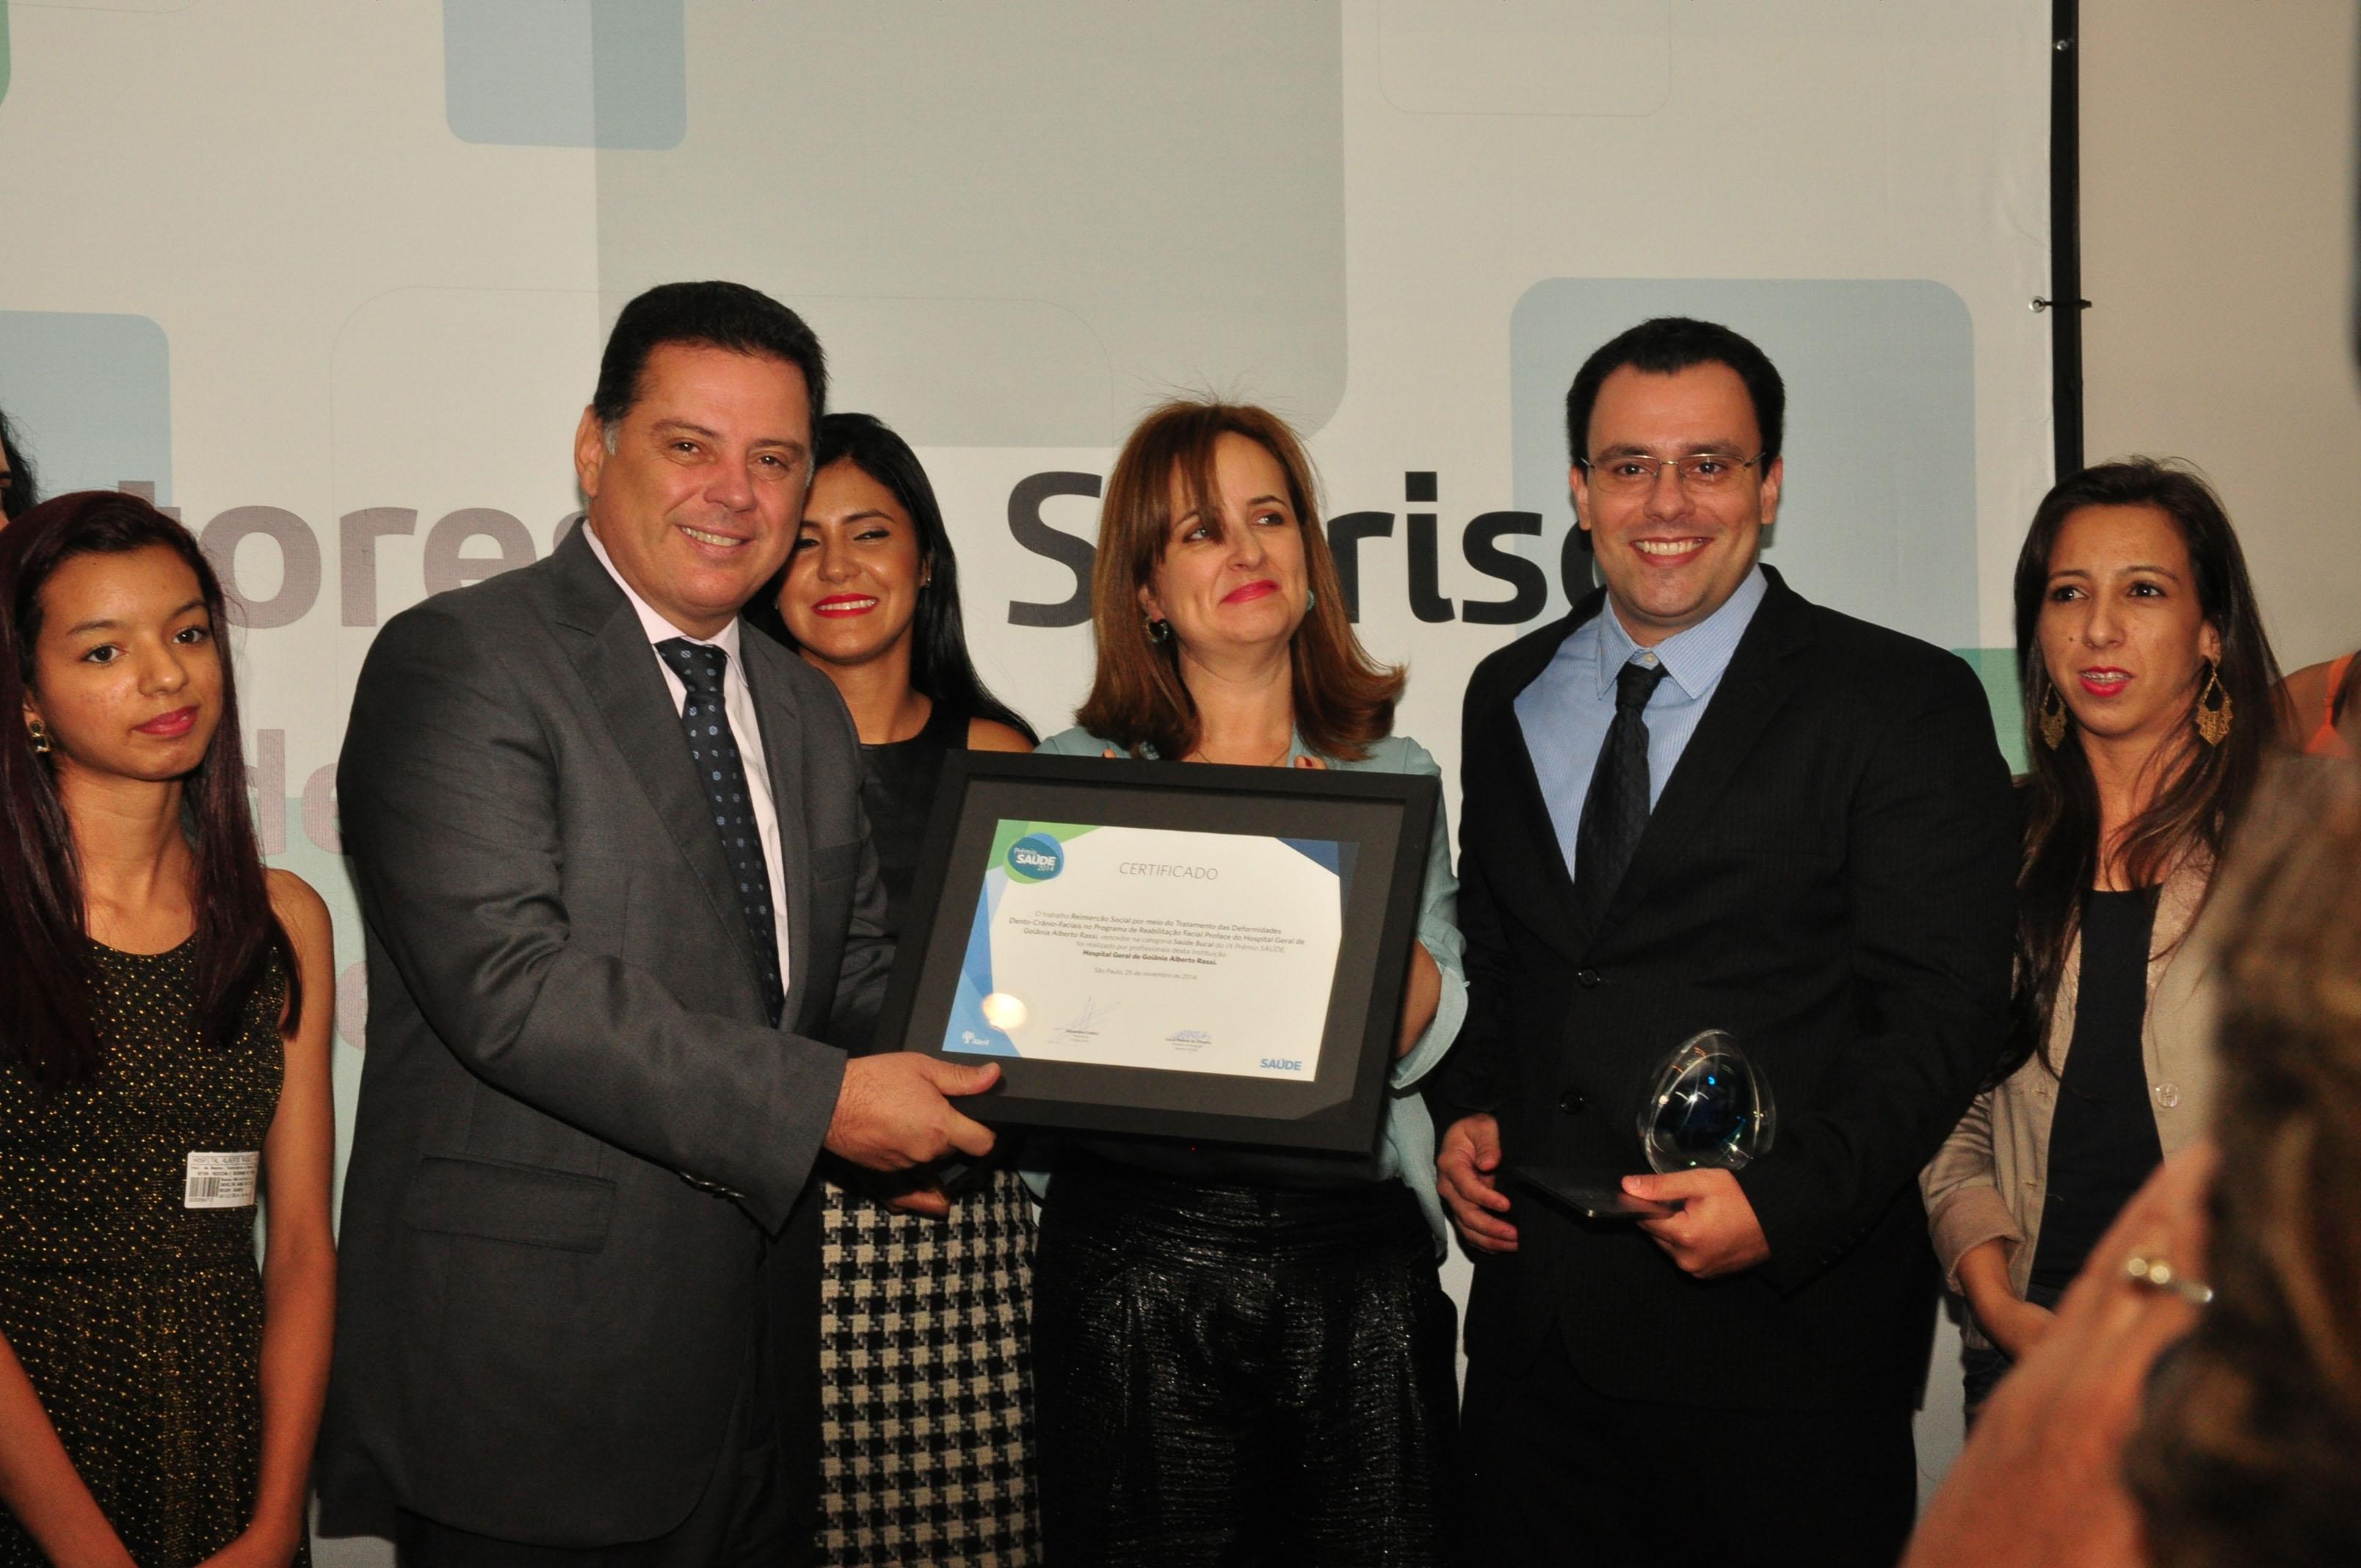 Governador recebe prêmio nacional por programa de reconstrução facial do HGG